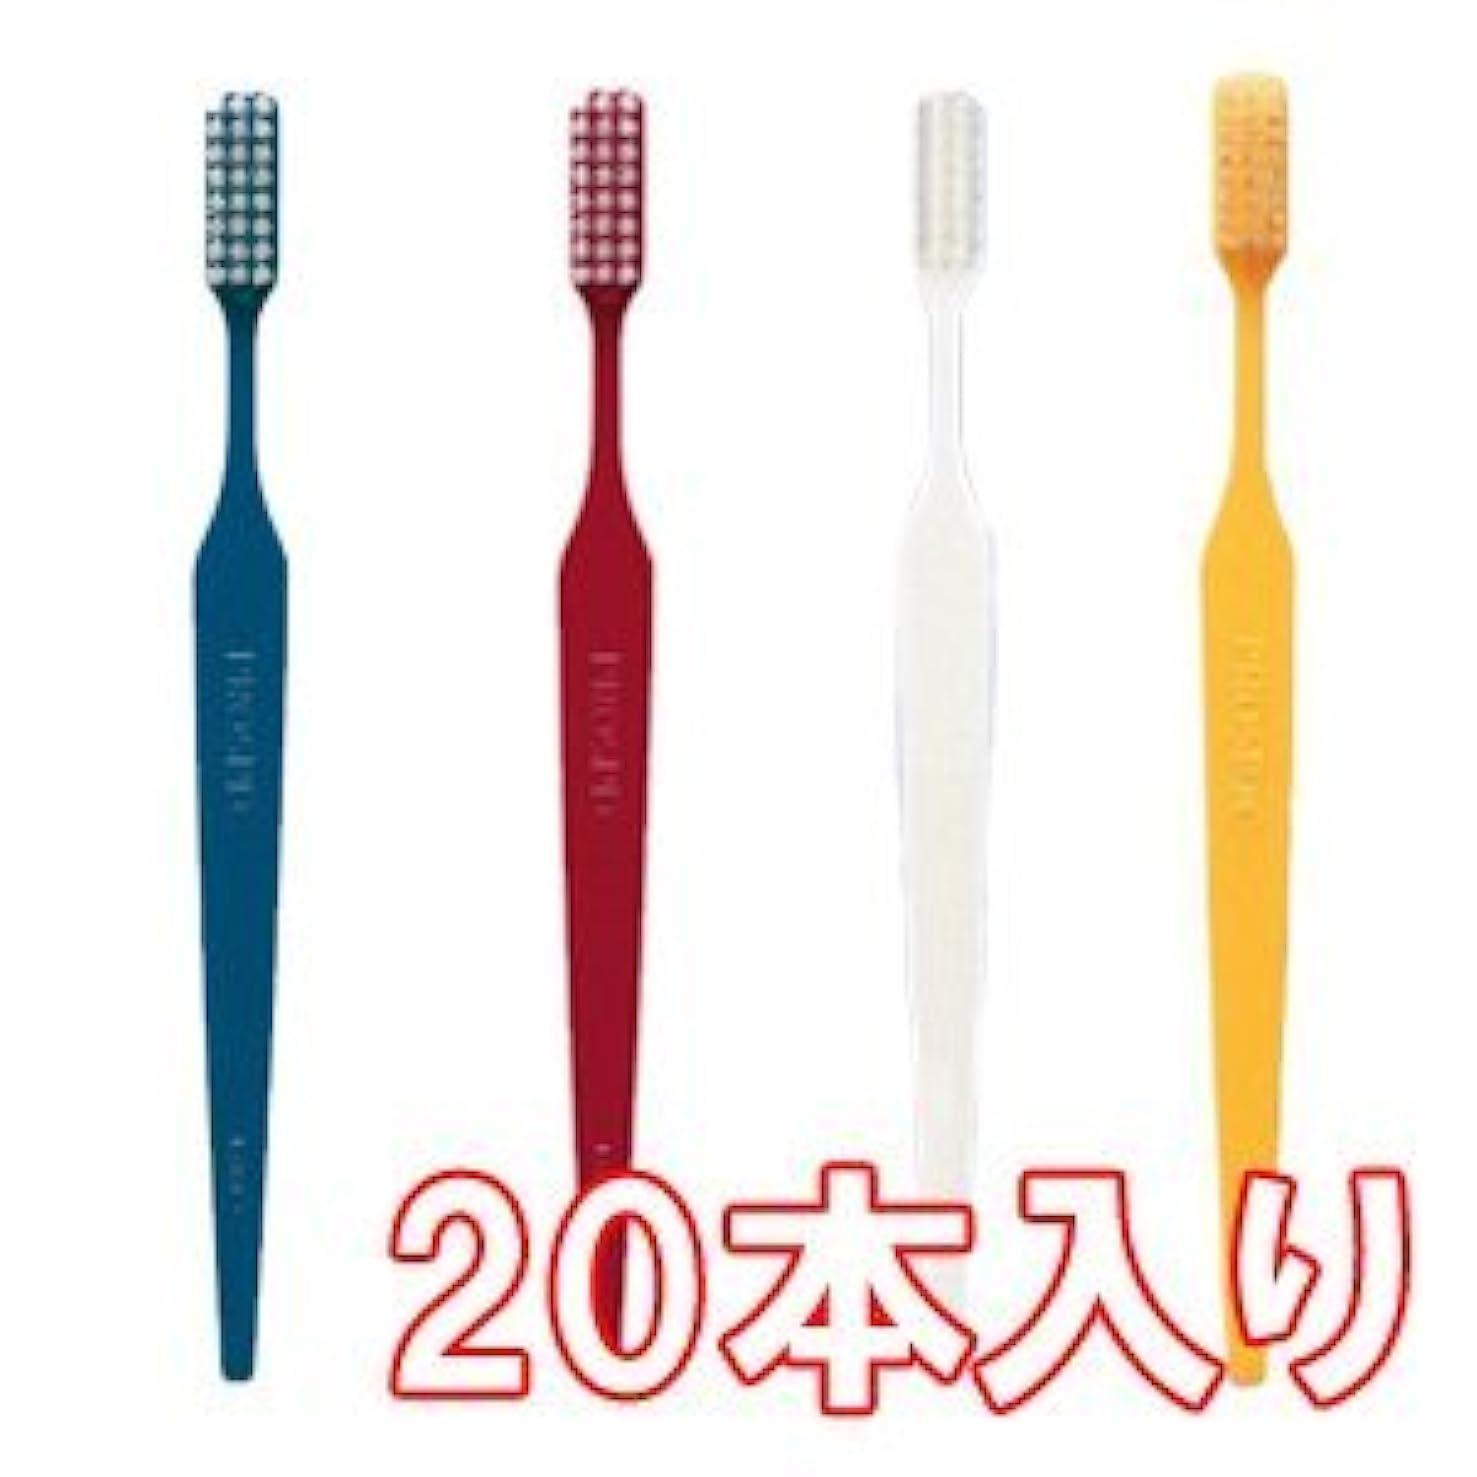 代わりにクマノミカウンタジーシー GC プロスペック 歯ブラシ アダルト 20本入 S やわらかめ